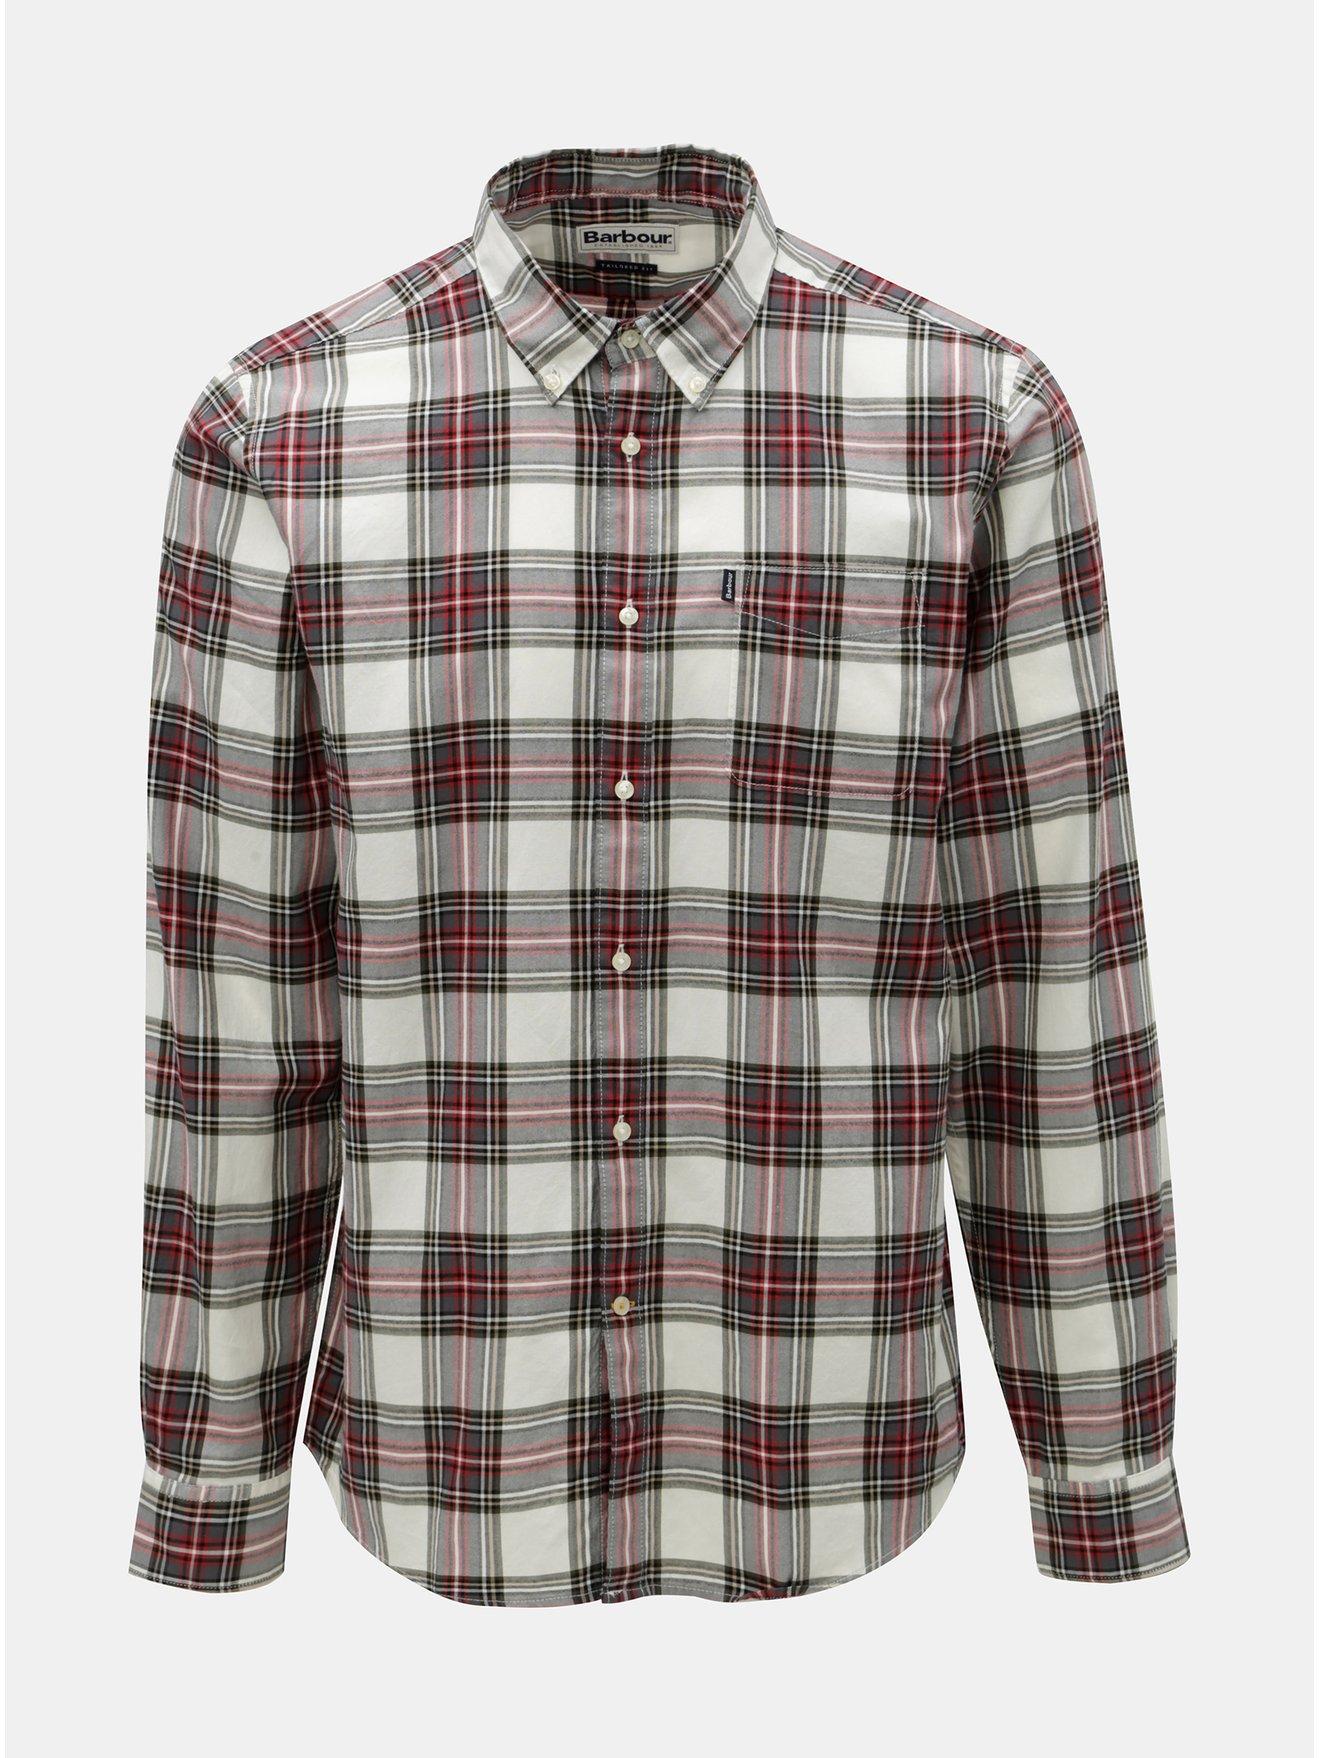 ca4749f6fab7 Červeno-bílá kostkovaná košile s náprsní kapsou Barbour Endsleigh Highland  Check